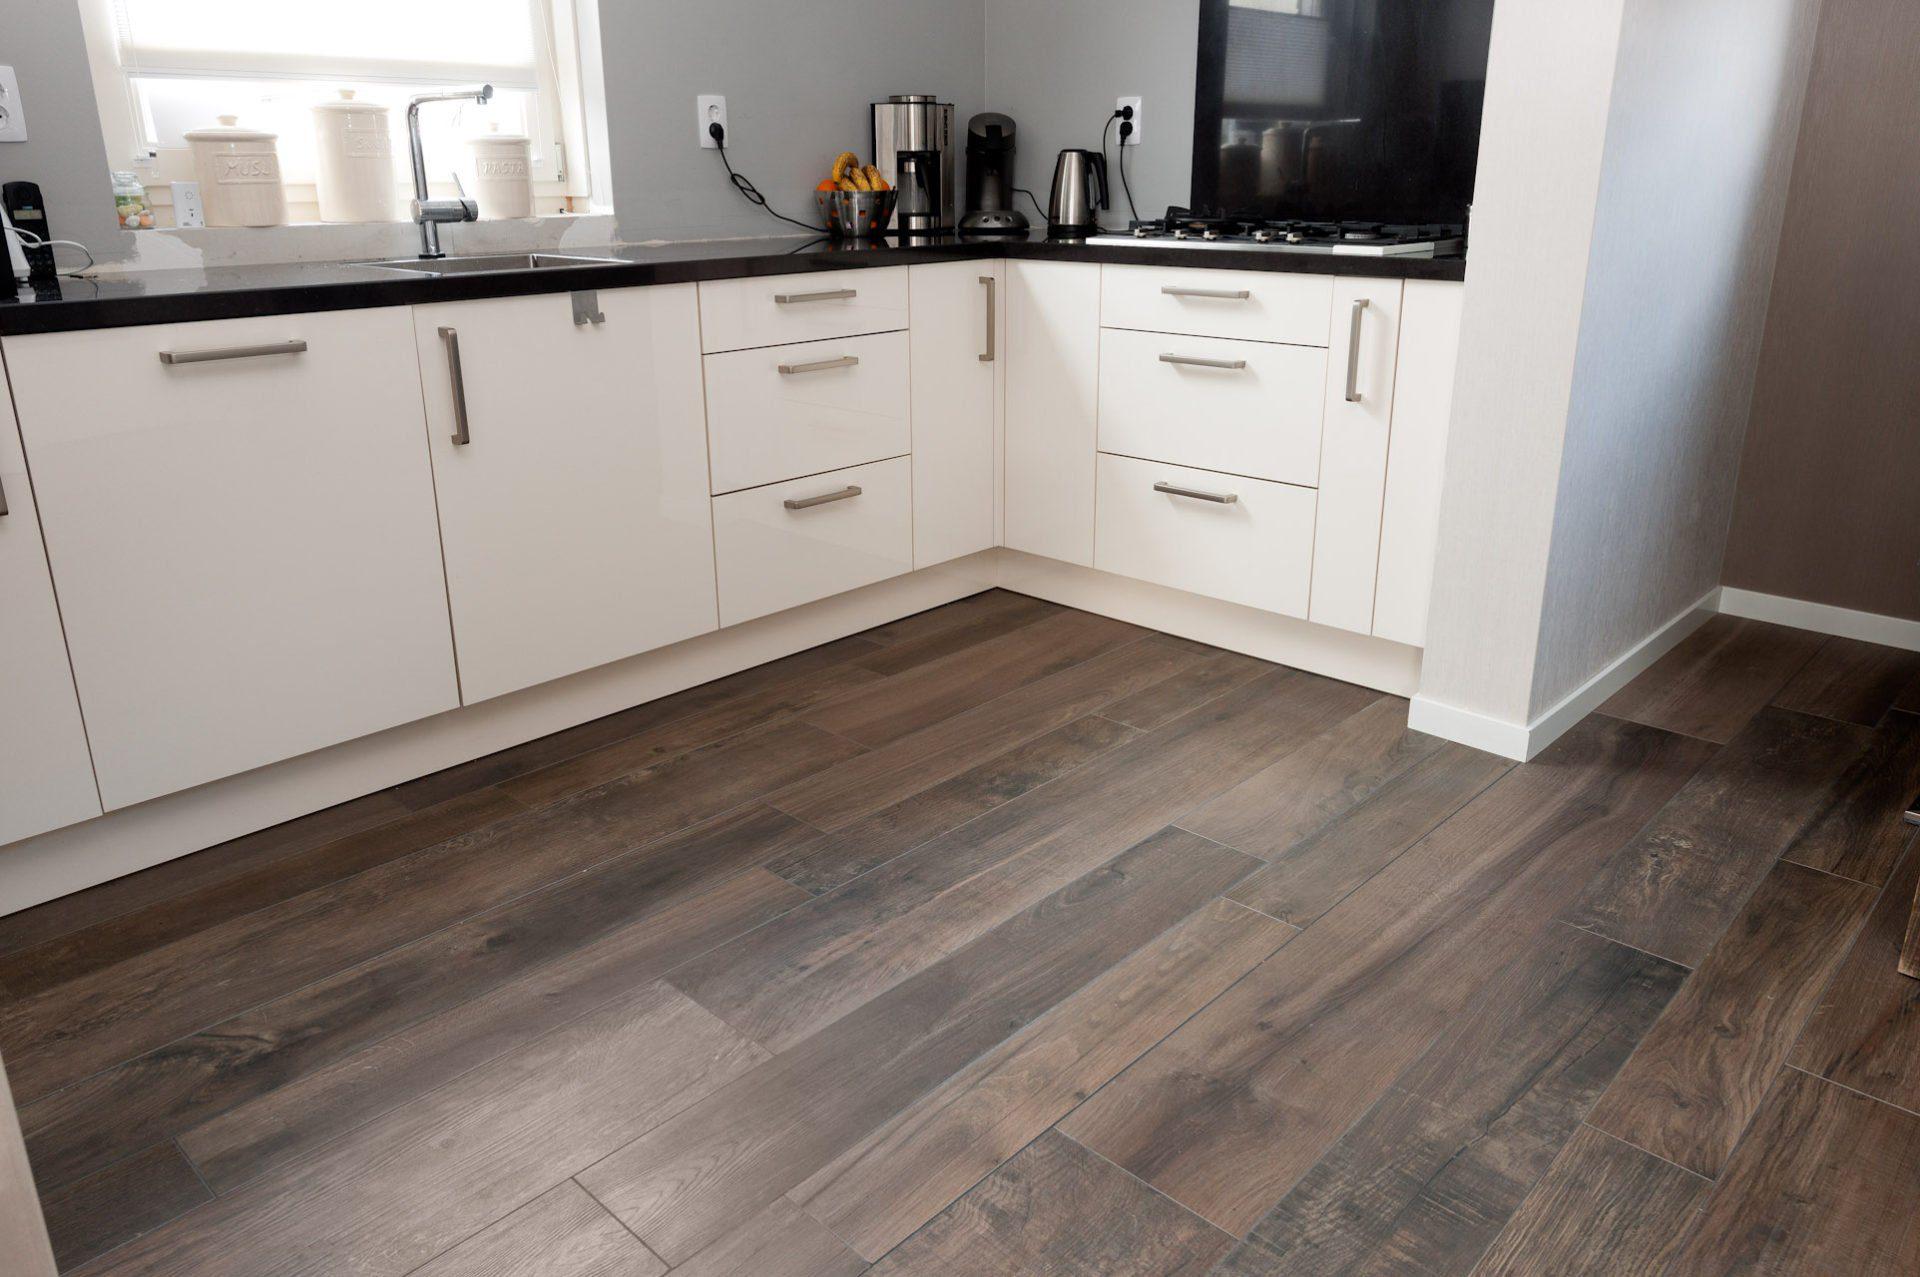 Keukentegels wandtegels voor in de keuken kroon - Keuken steen en hout ...